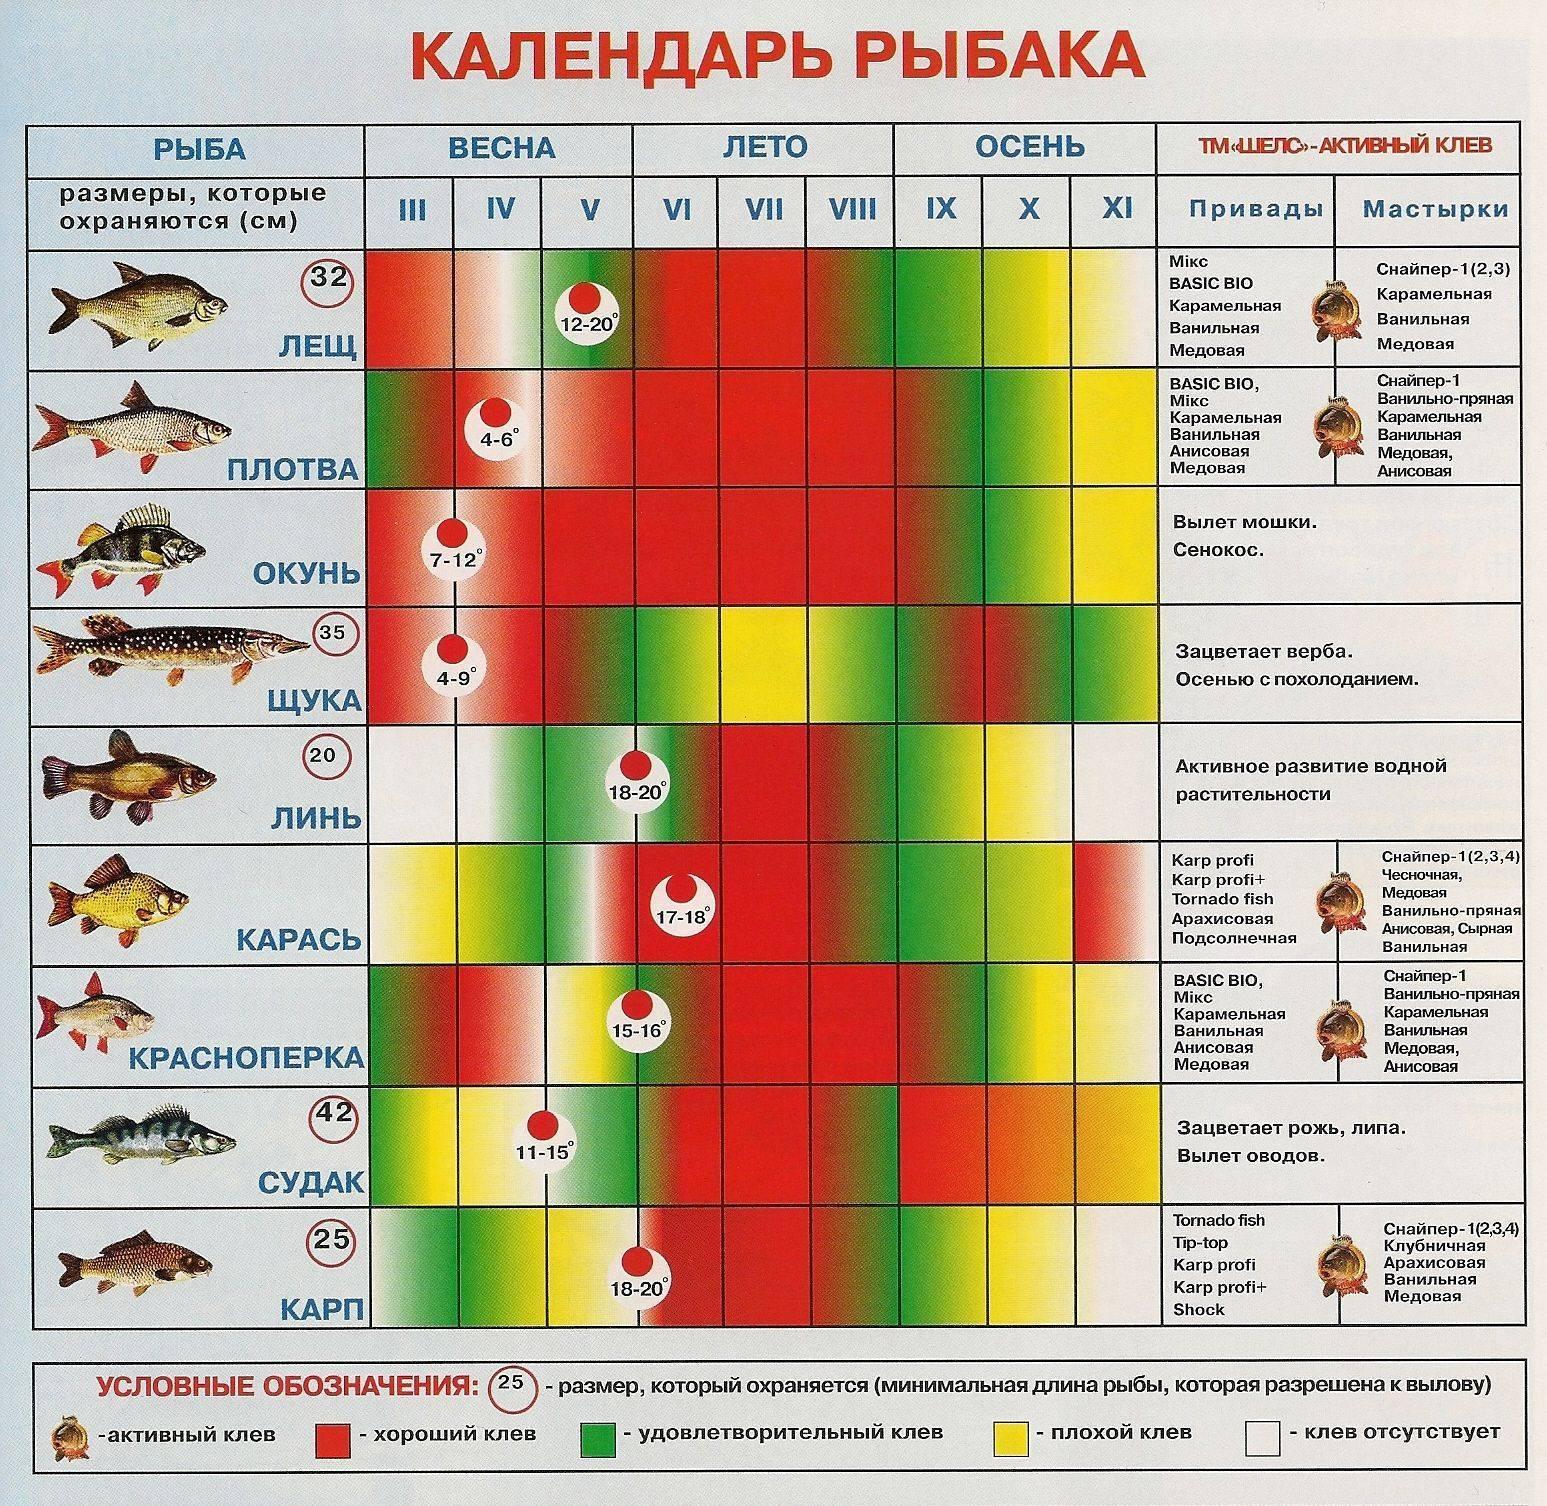 Влияние атмосферного давления на клев рыбы это реально